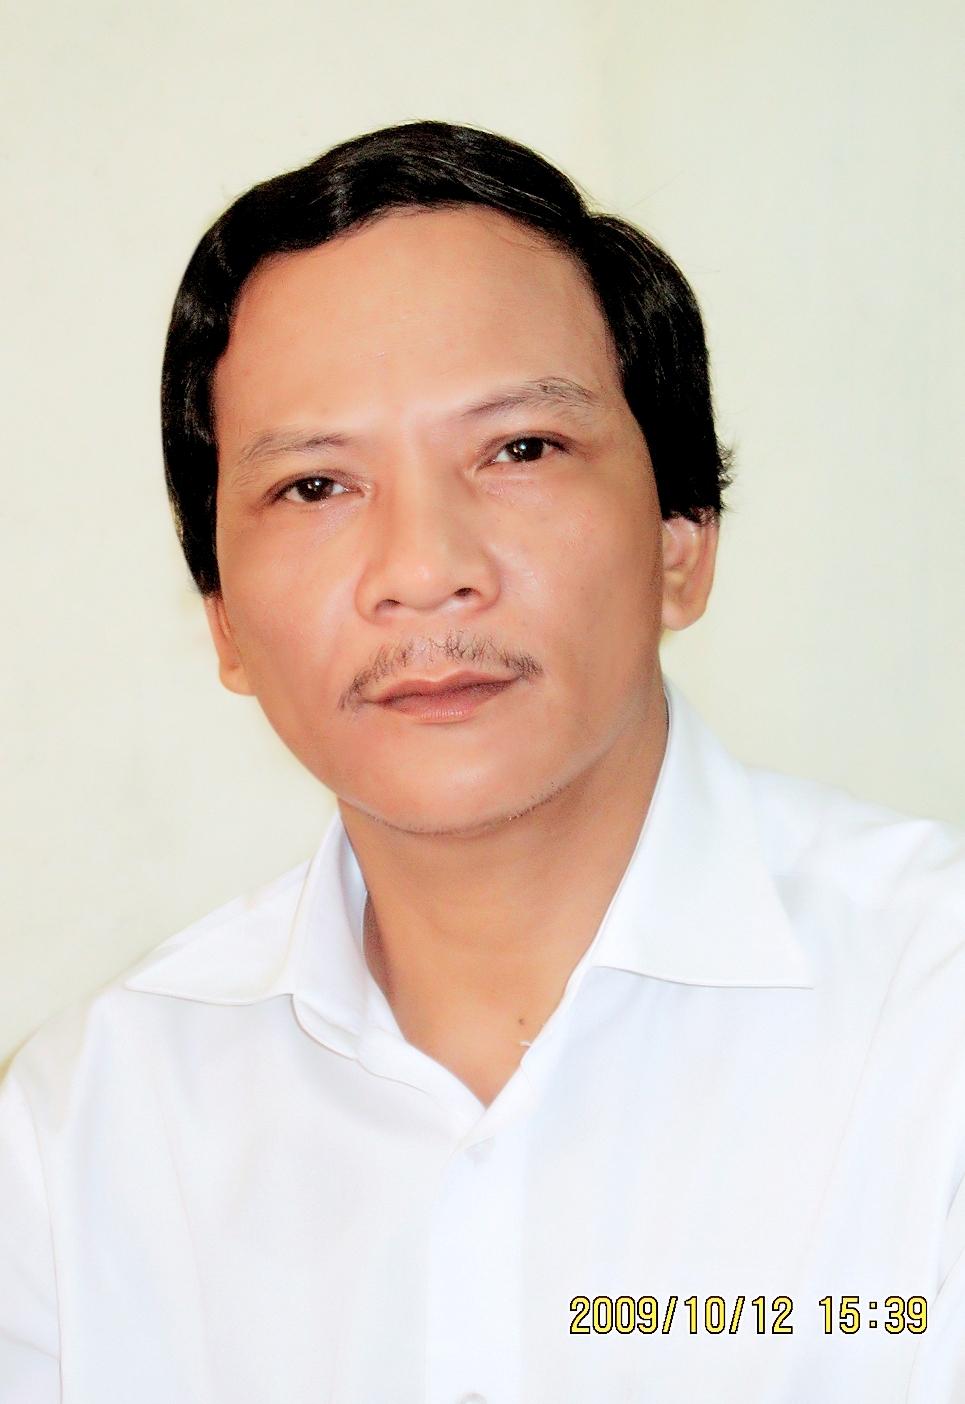 Nhà văn PHAN TRUNG HIẾU